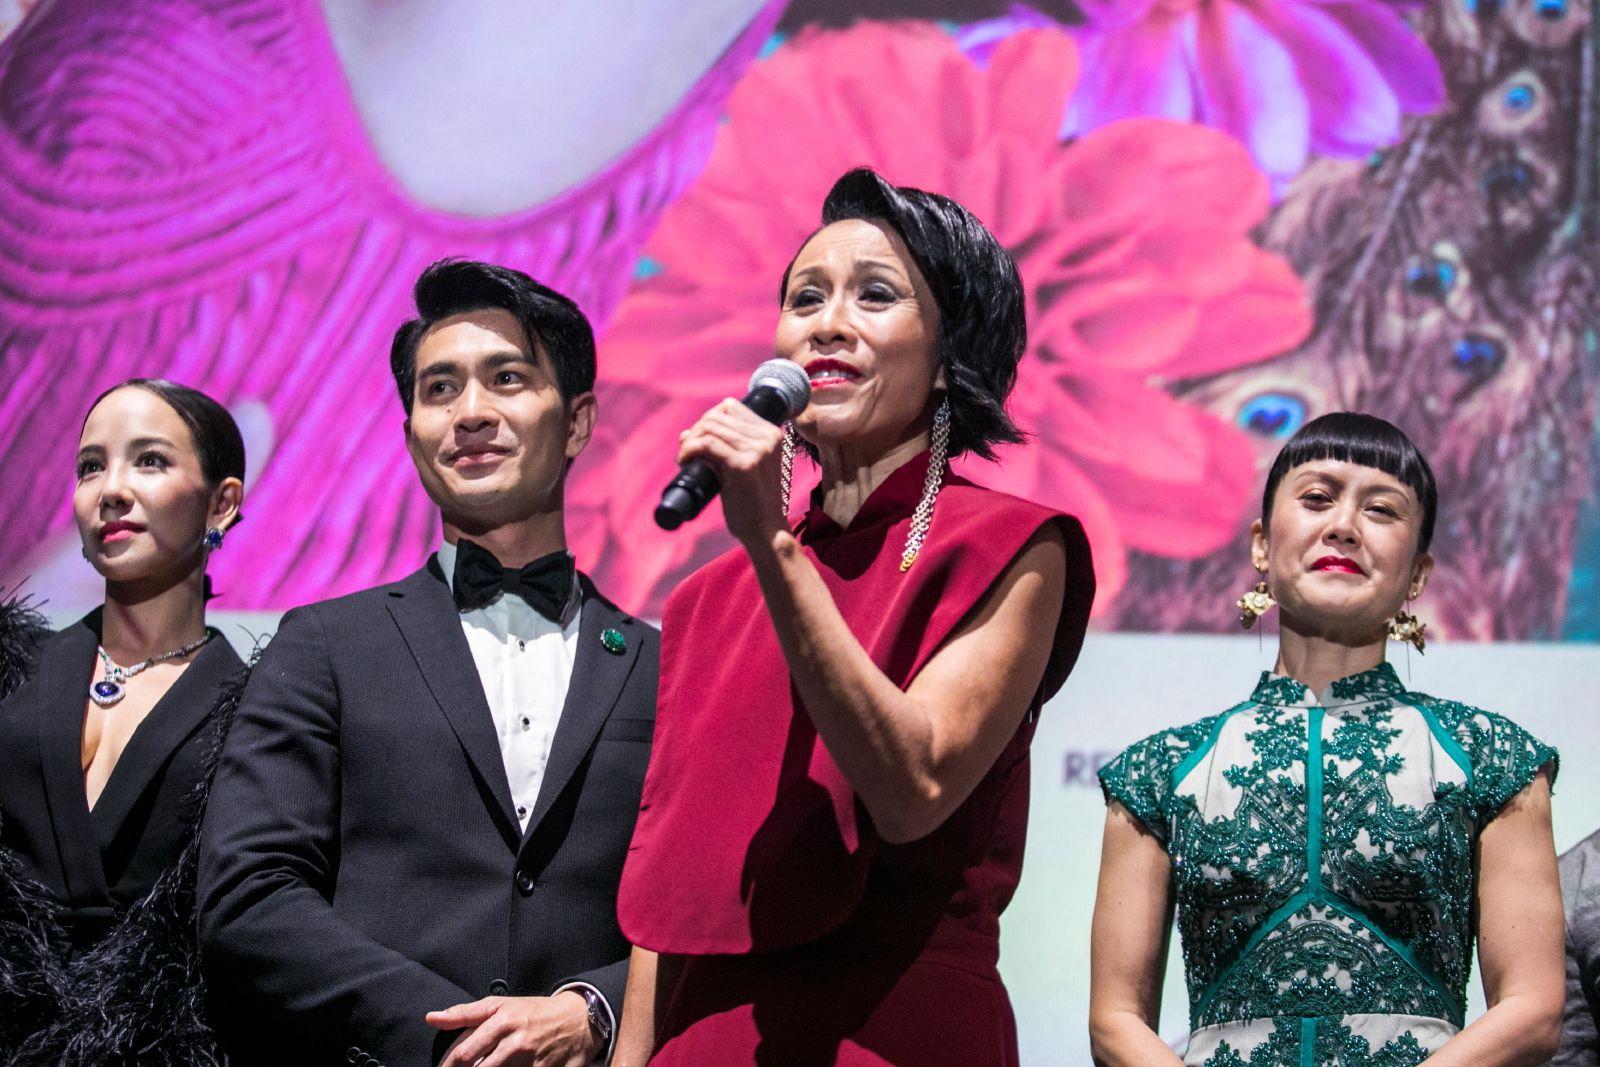 Fiona Xie, Pierre Png, Tan Kheng Hua, Janice Koh